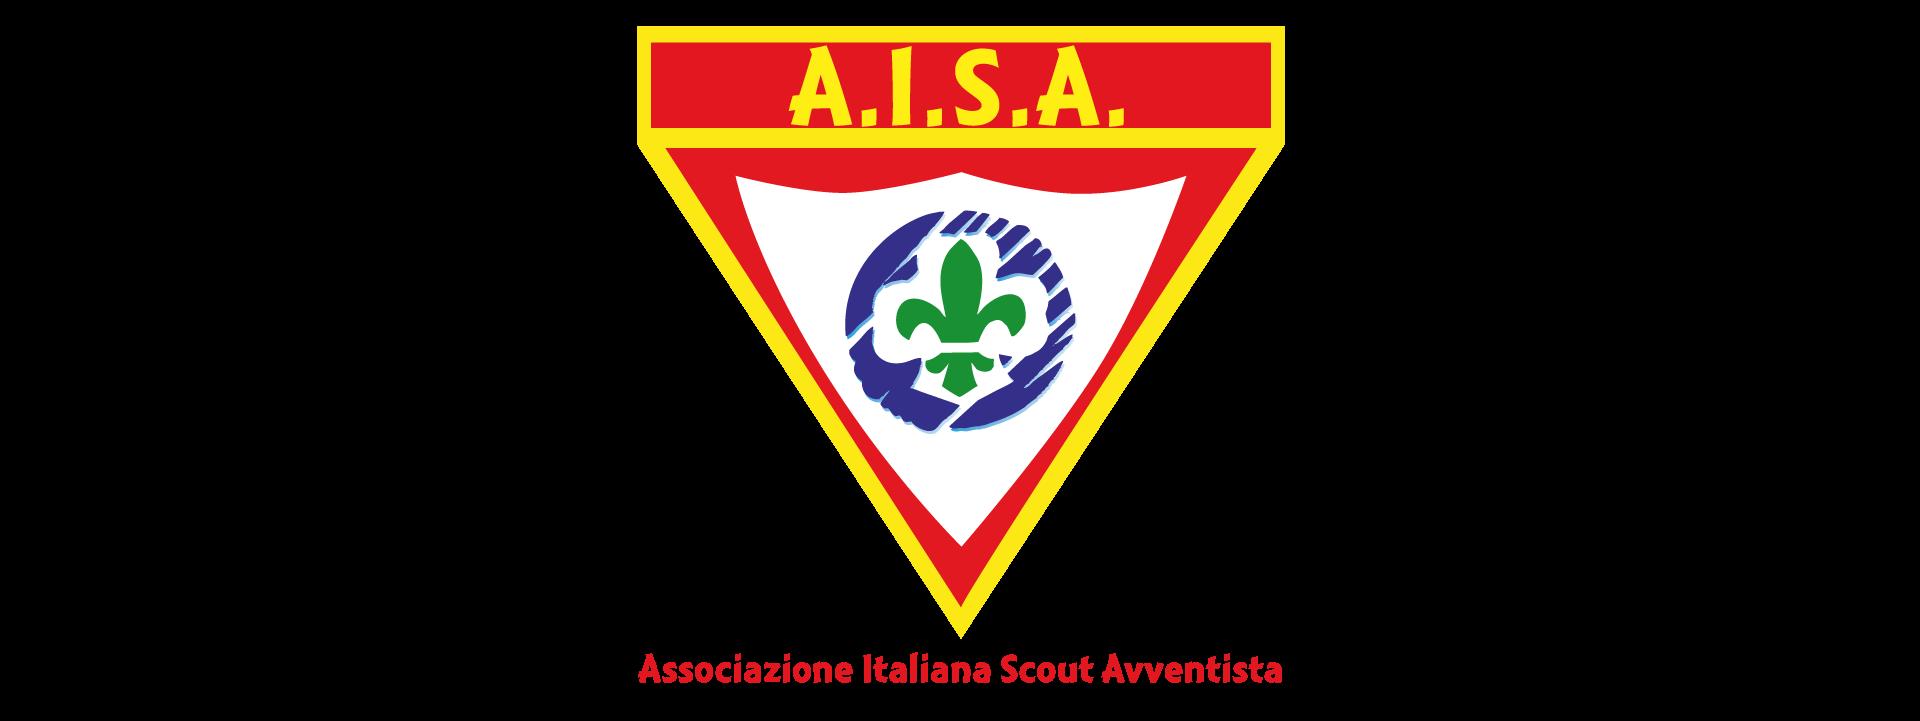 Associazione Italiana Scout Avventista